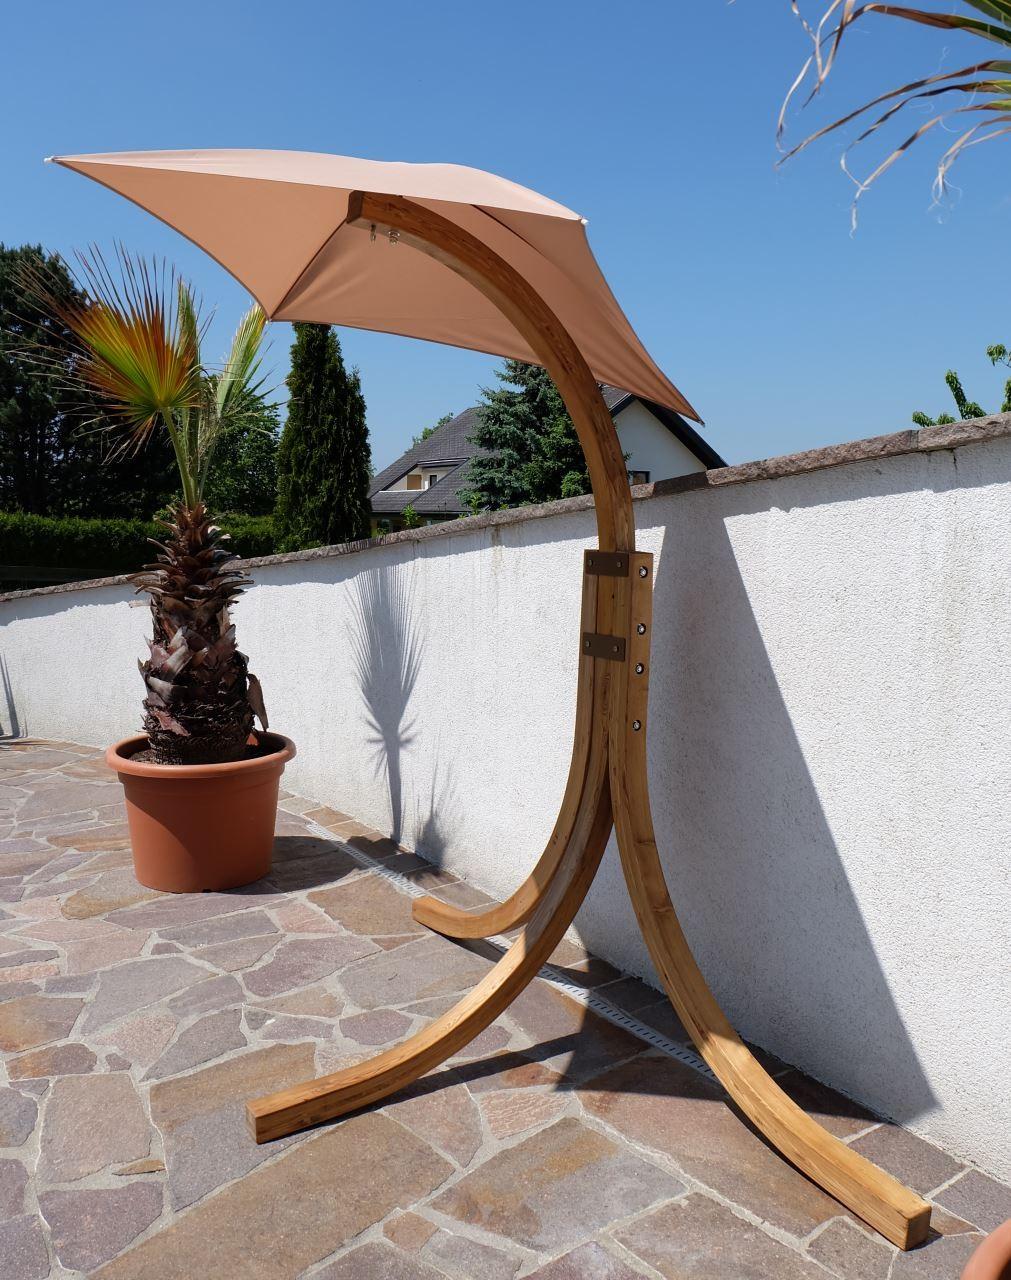 design h ngesesselgestell navassa aus holz l rche ohne sessel alles f r garten und terrasse. Black Bedroom Furniture Sets. Home Design Ideas